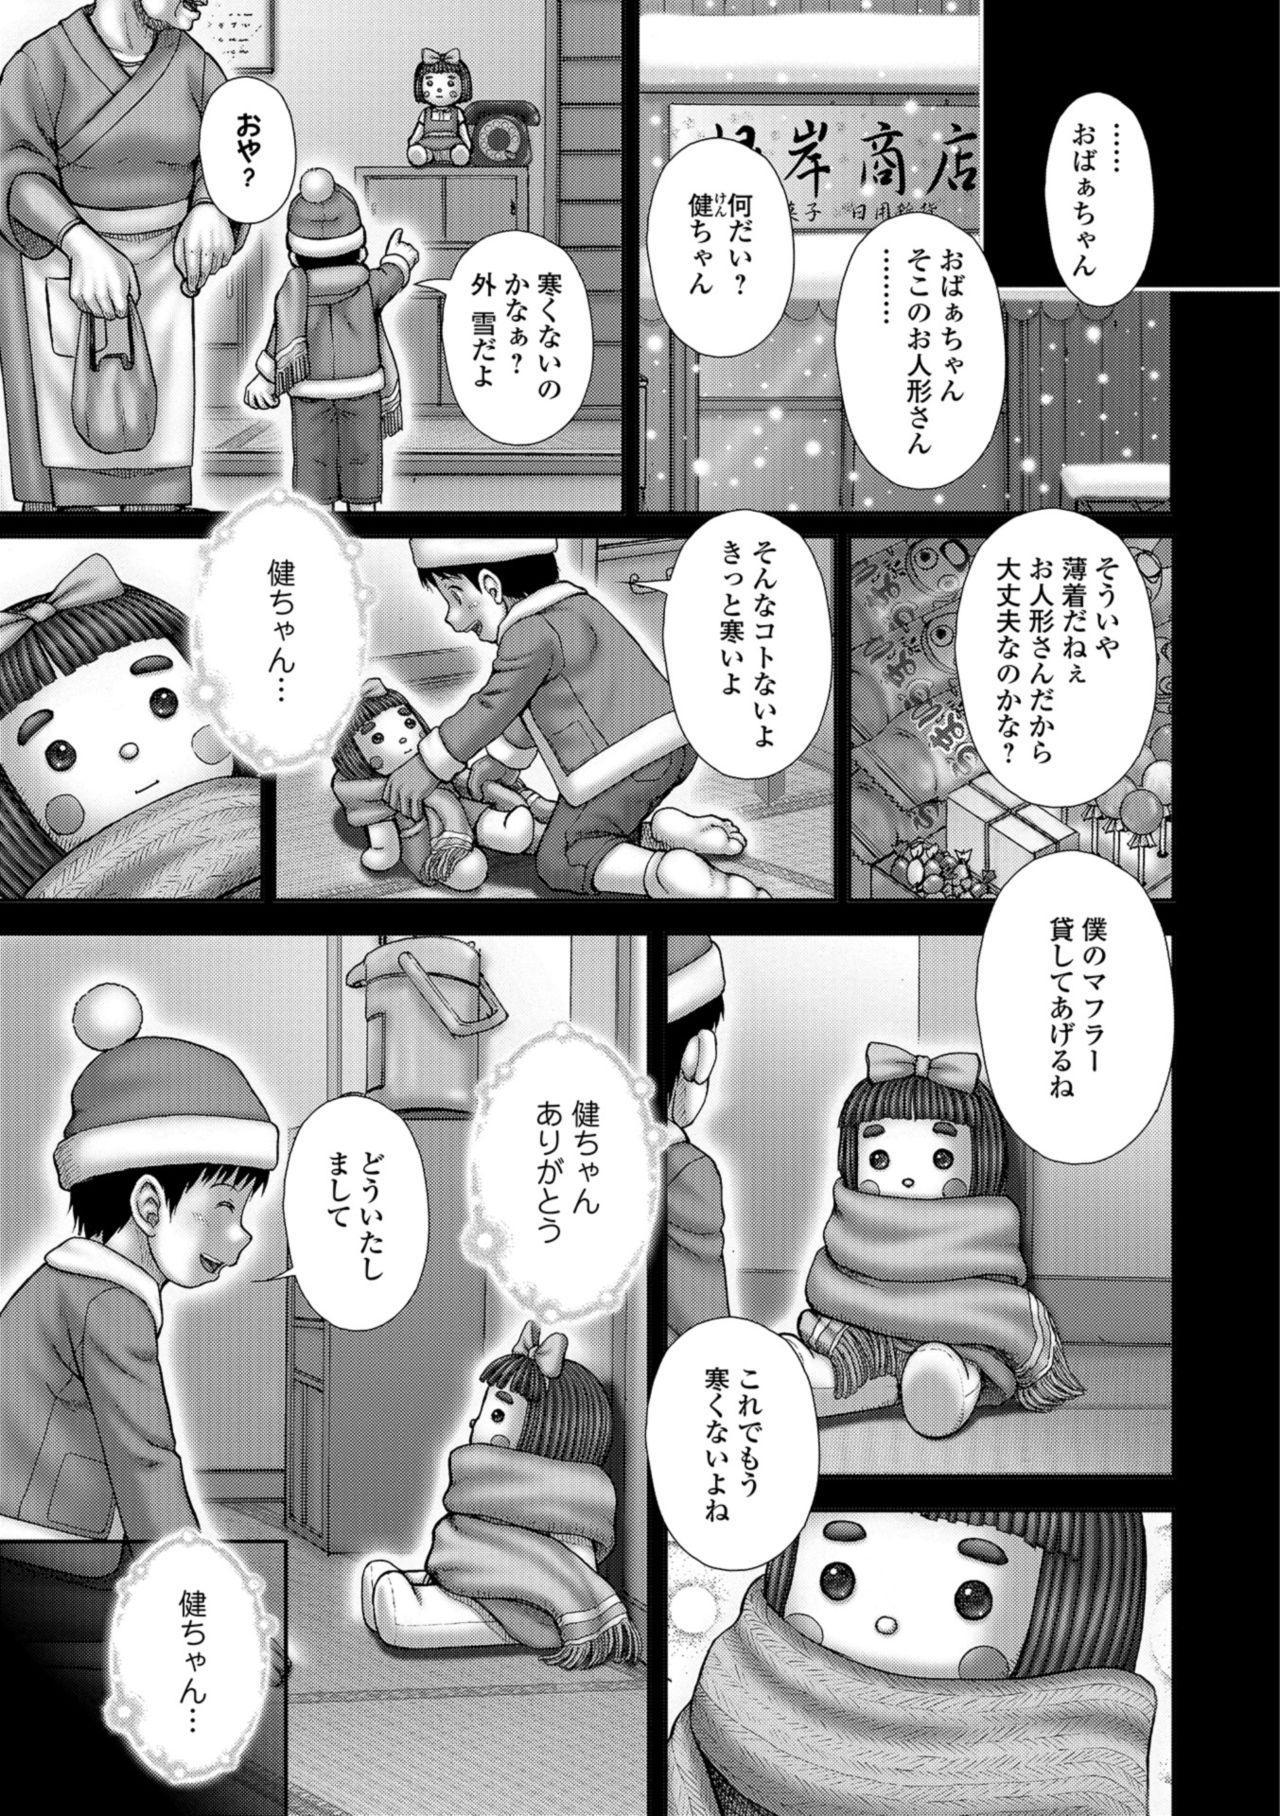 COMIC Mate Legend Vol. 24 2018-12 208